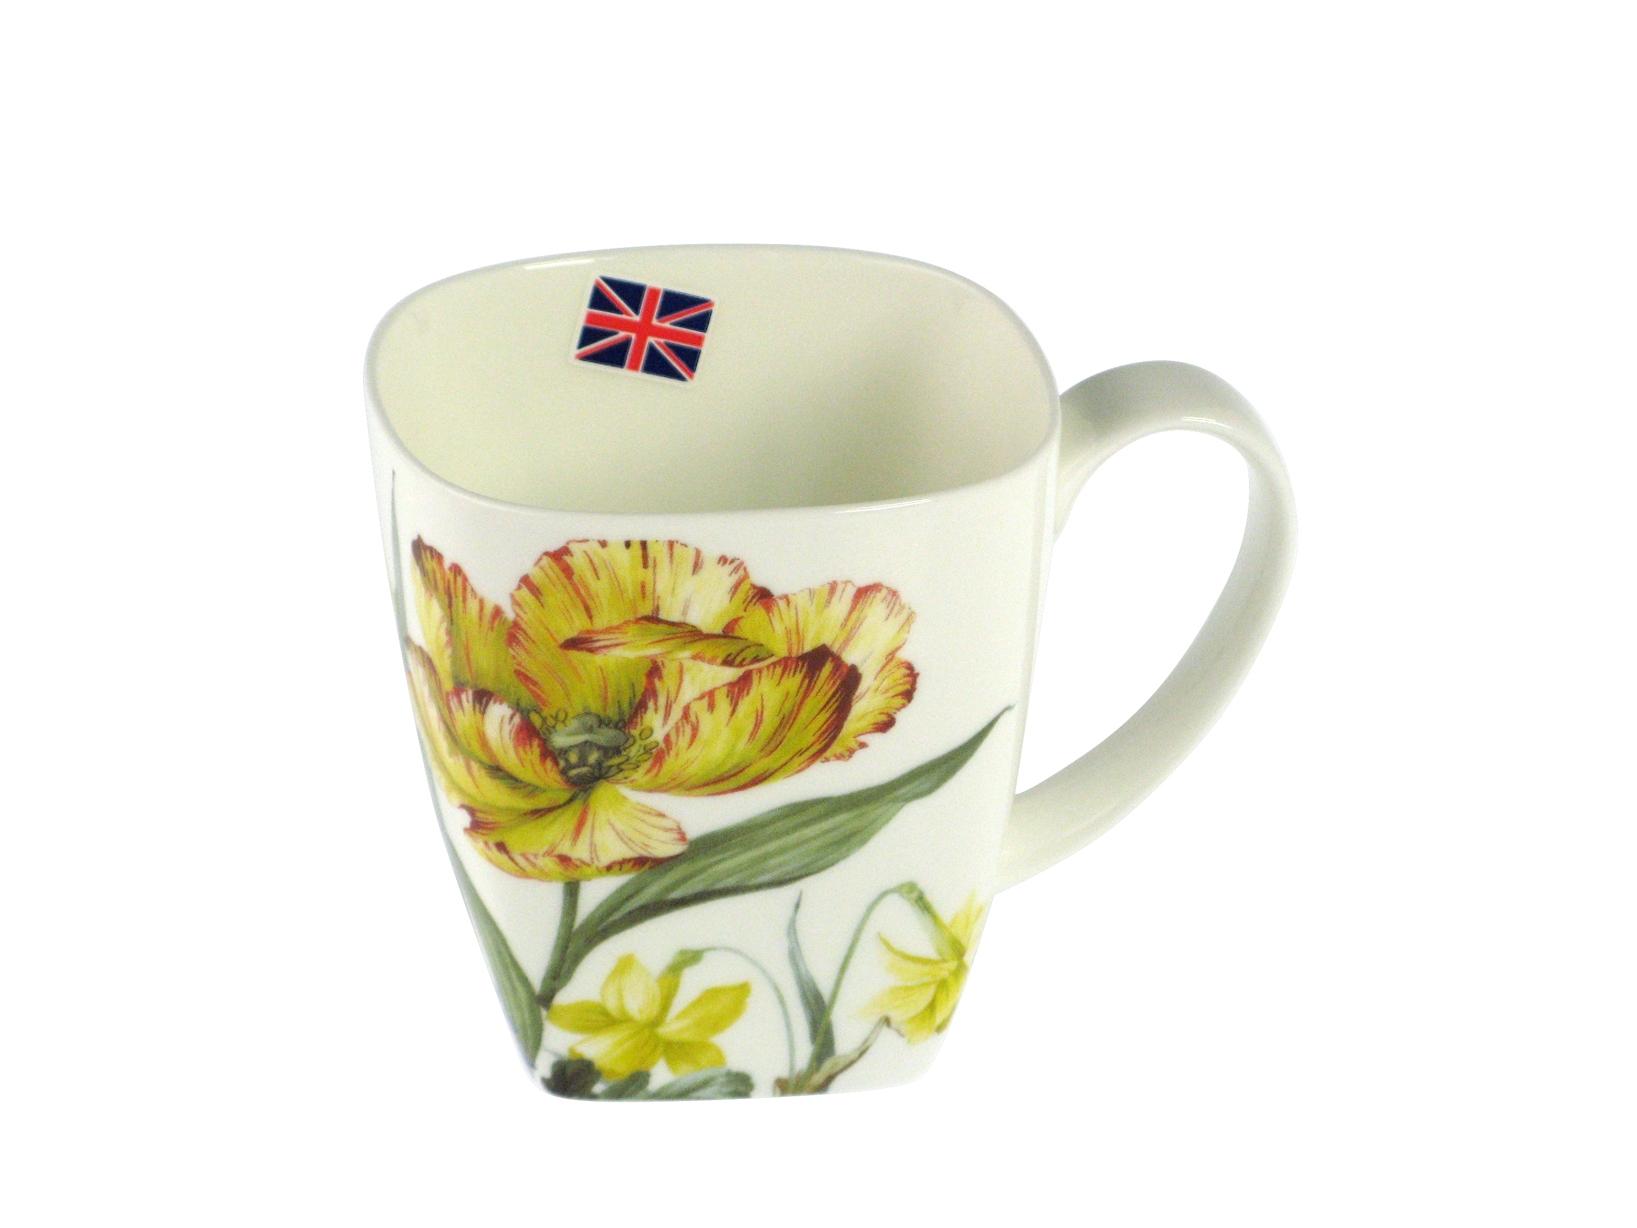 Acquista Set 6 Mug Porcellana Quadro Oxford 17528307 | Glooke.com